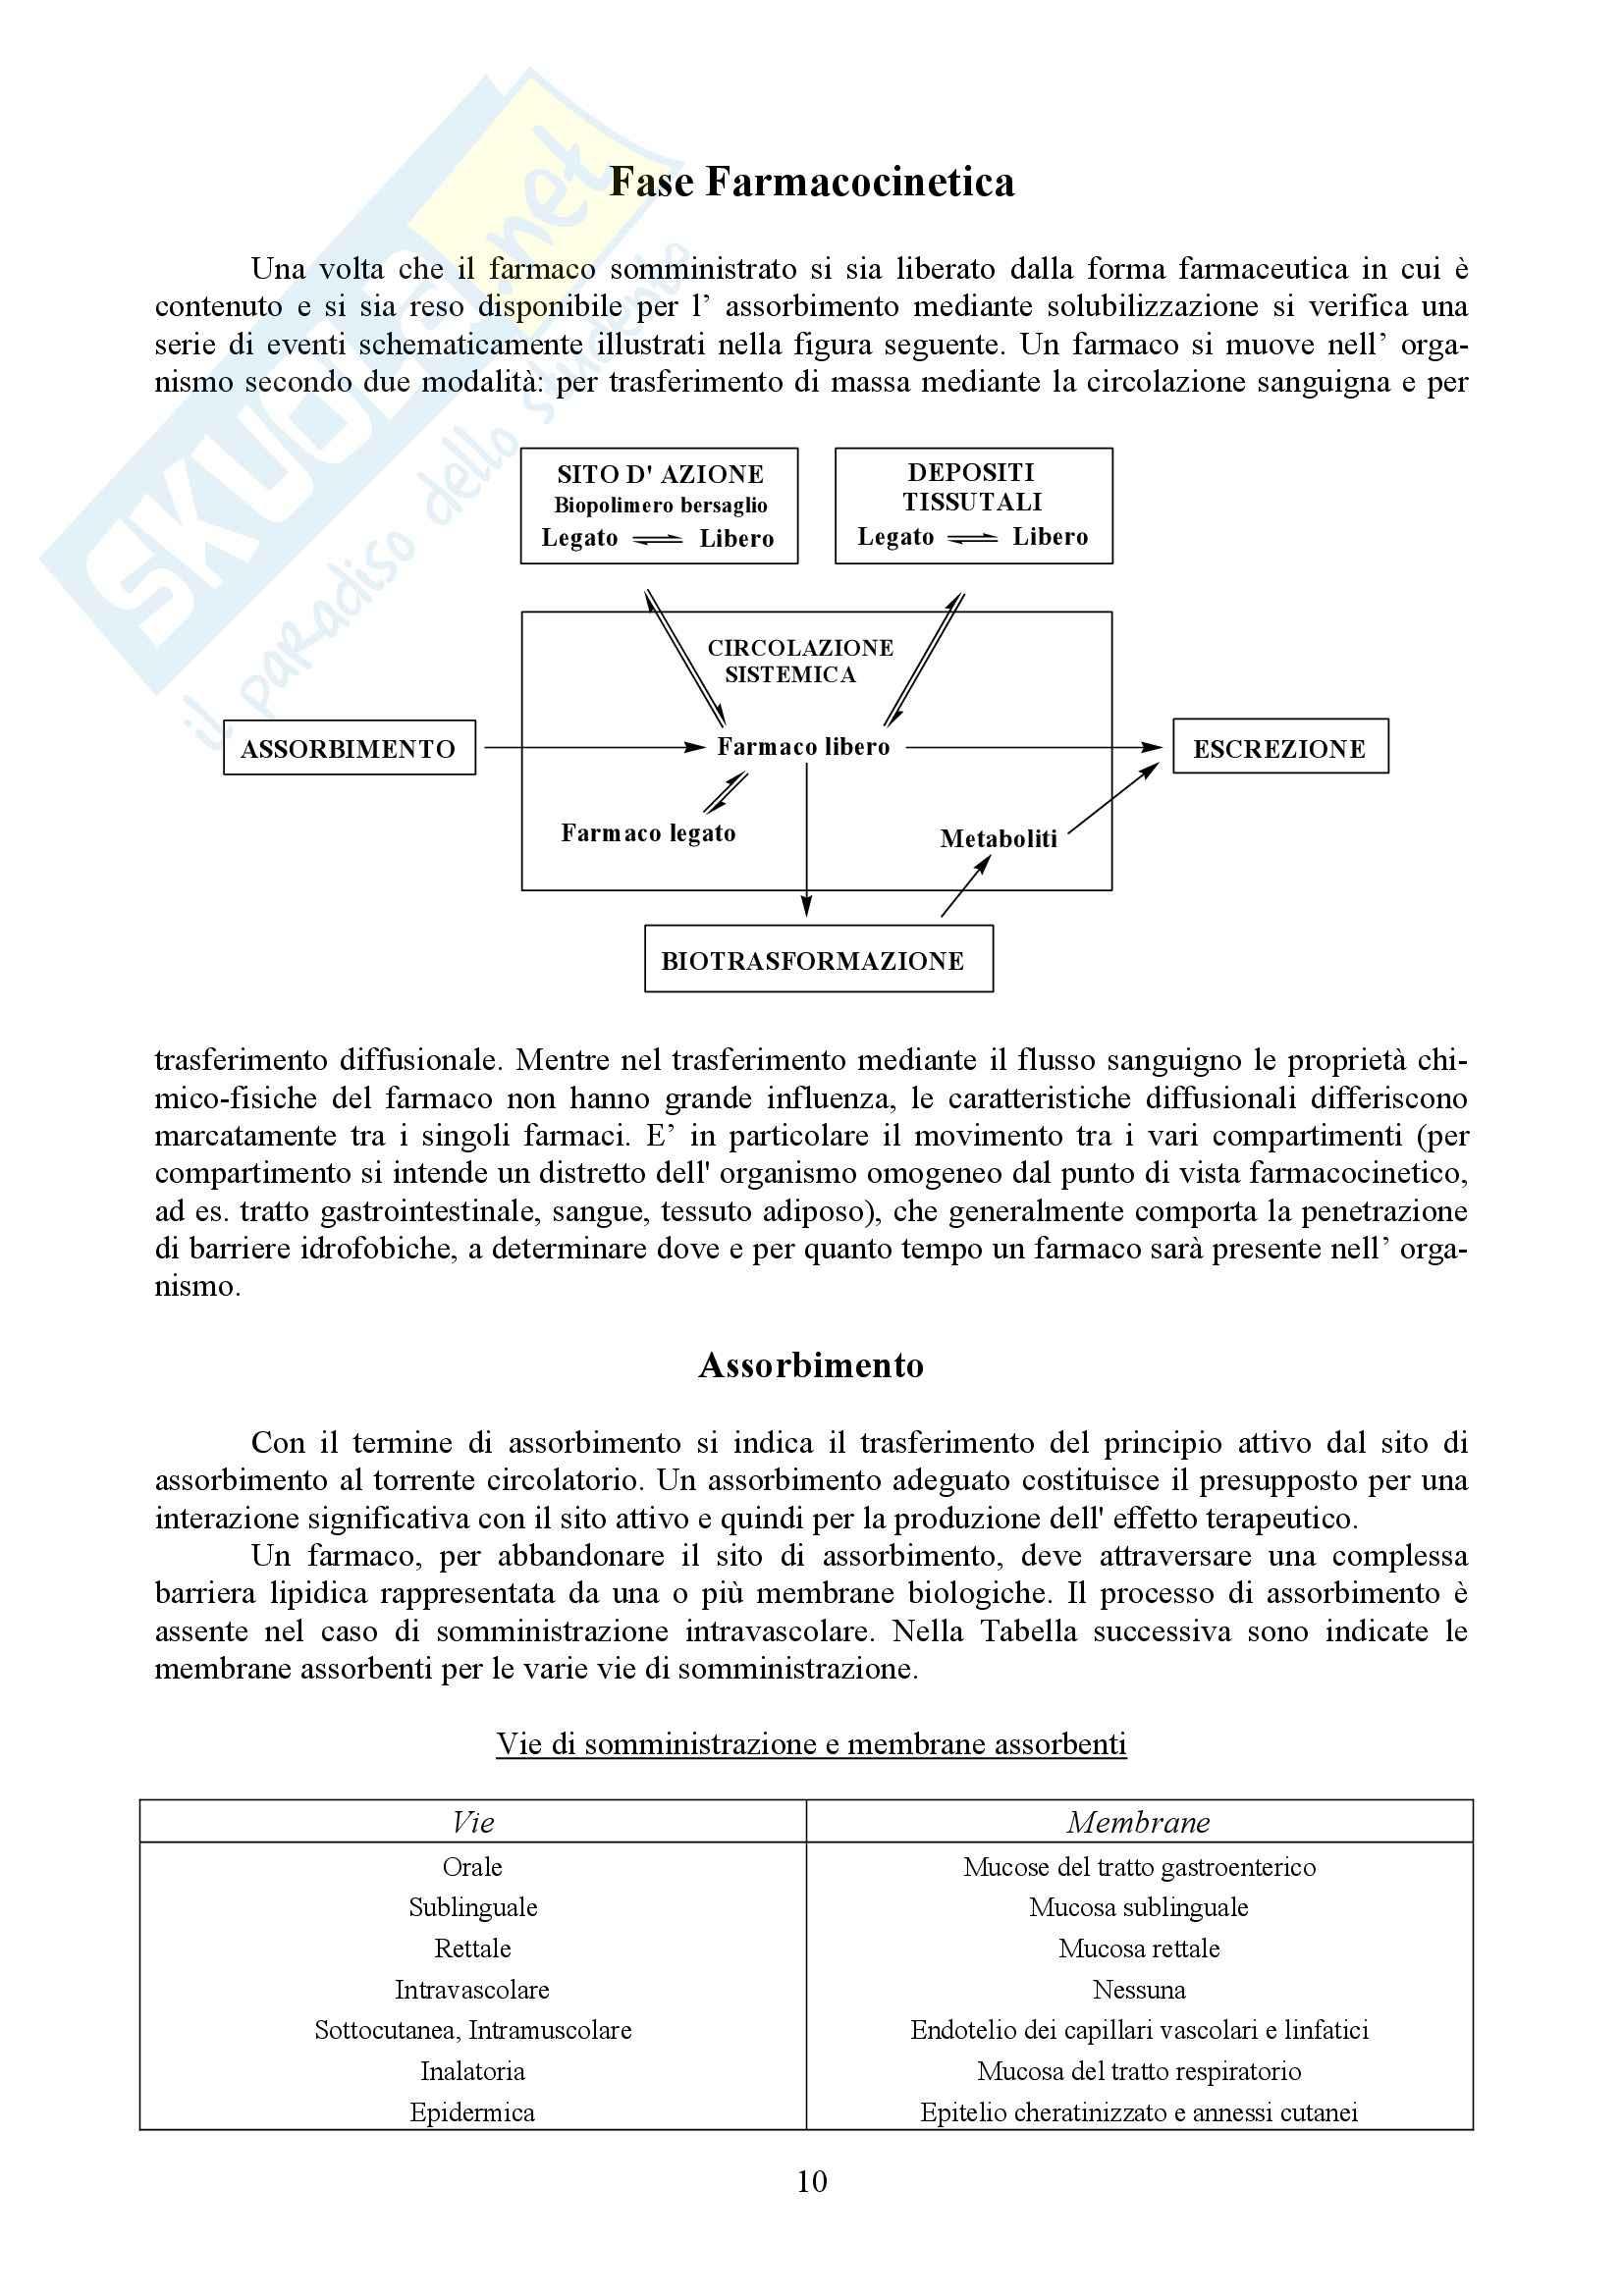 Chimica farmaceutica e tossicologica I - Appunti Pag. 11